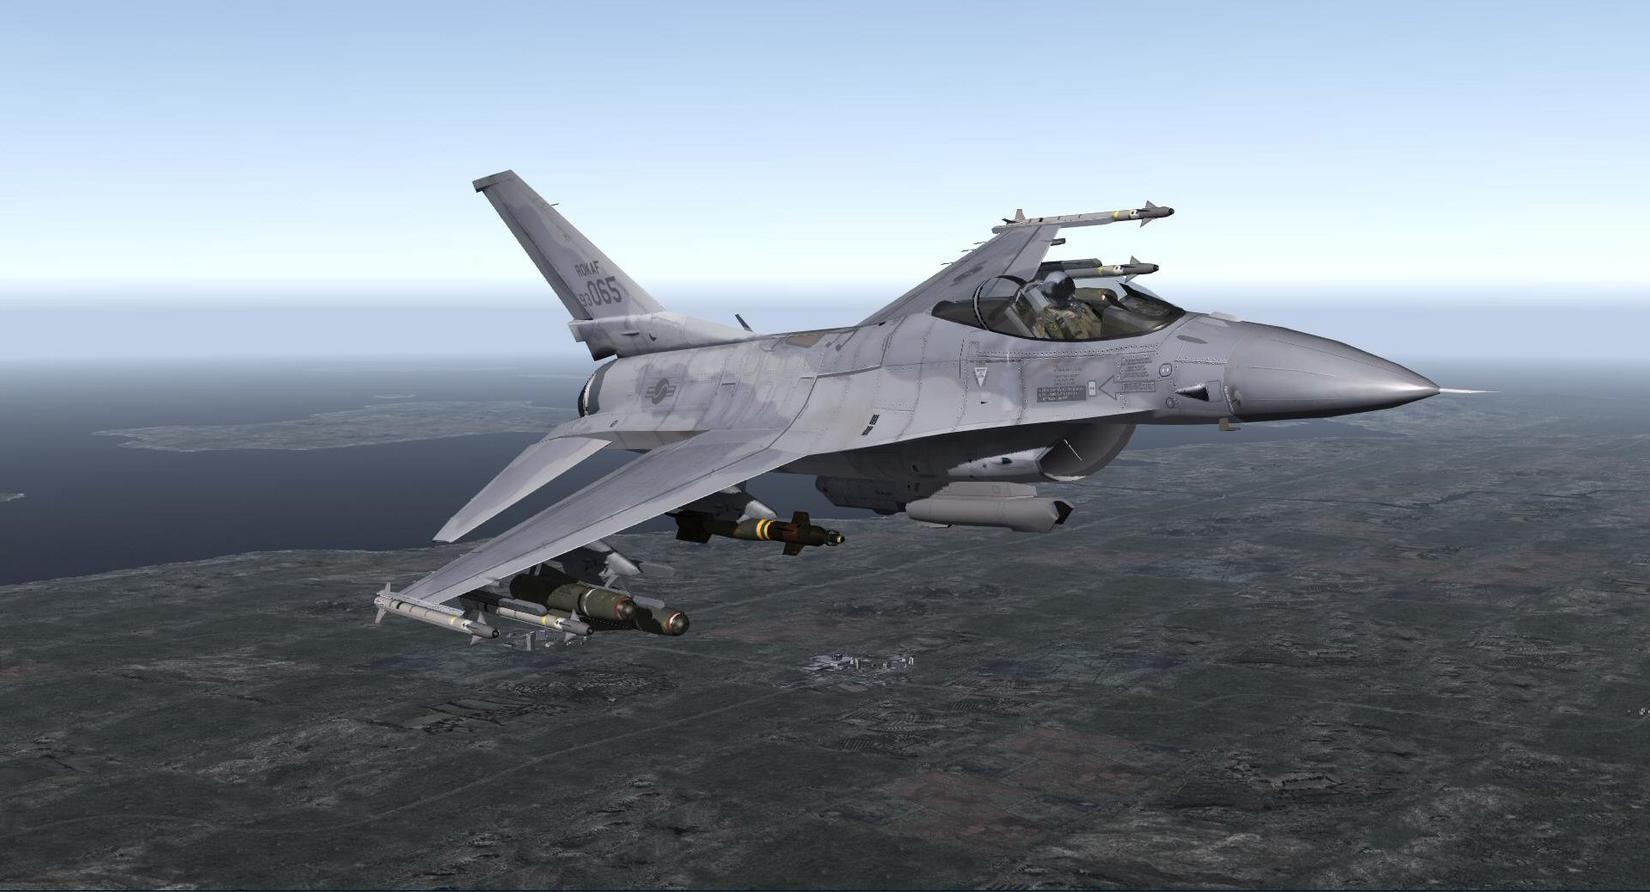 Photo of Օդում են նաև Թուրքիայի F-16 բազմաֆունկցիոնալ կործանիչները. օդաչուների թուրքերենով խոսակցություններն արձանագրված են